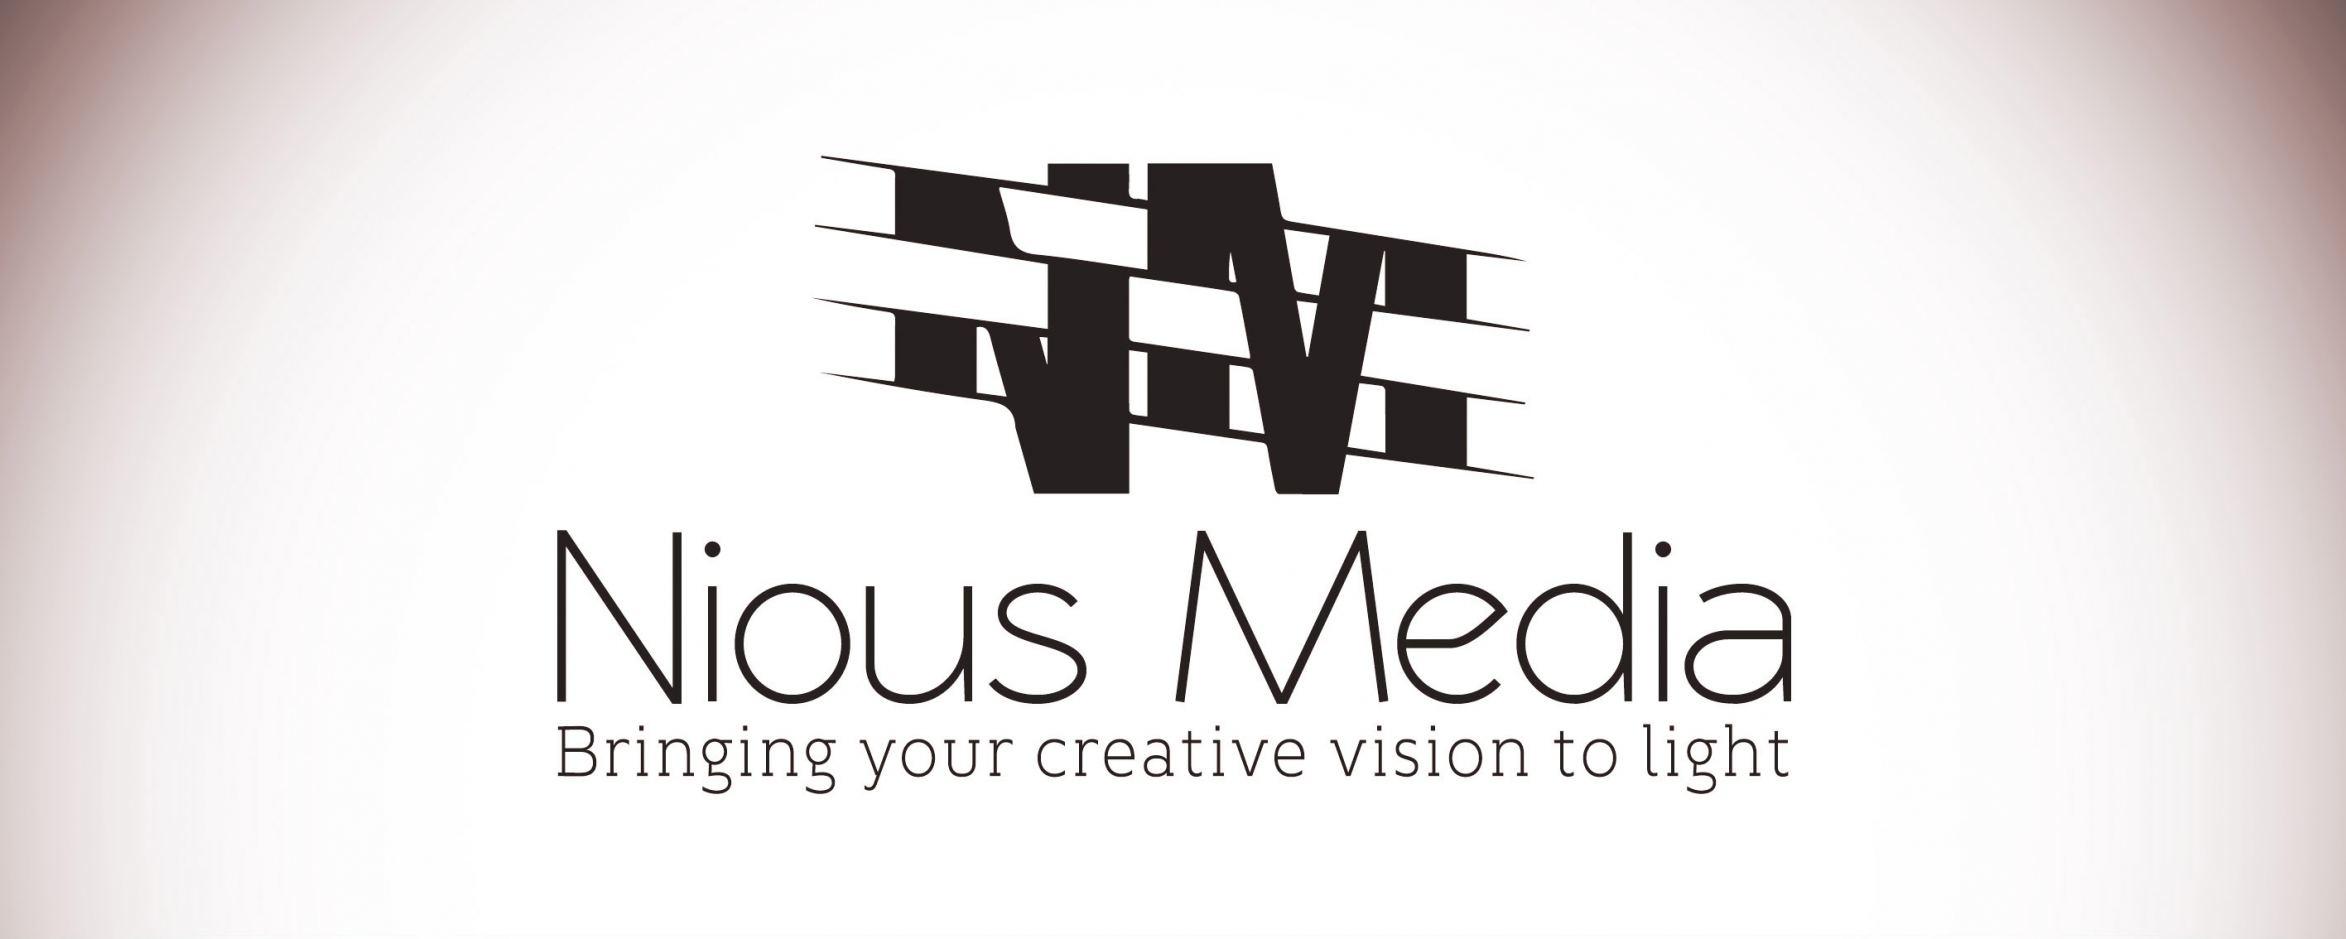 Nious Media Logo